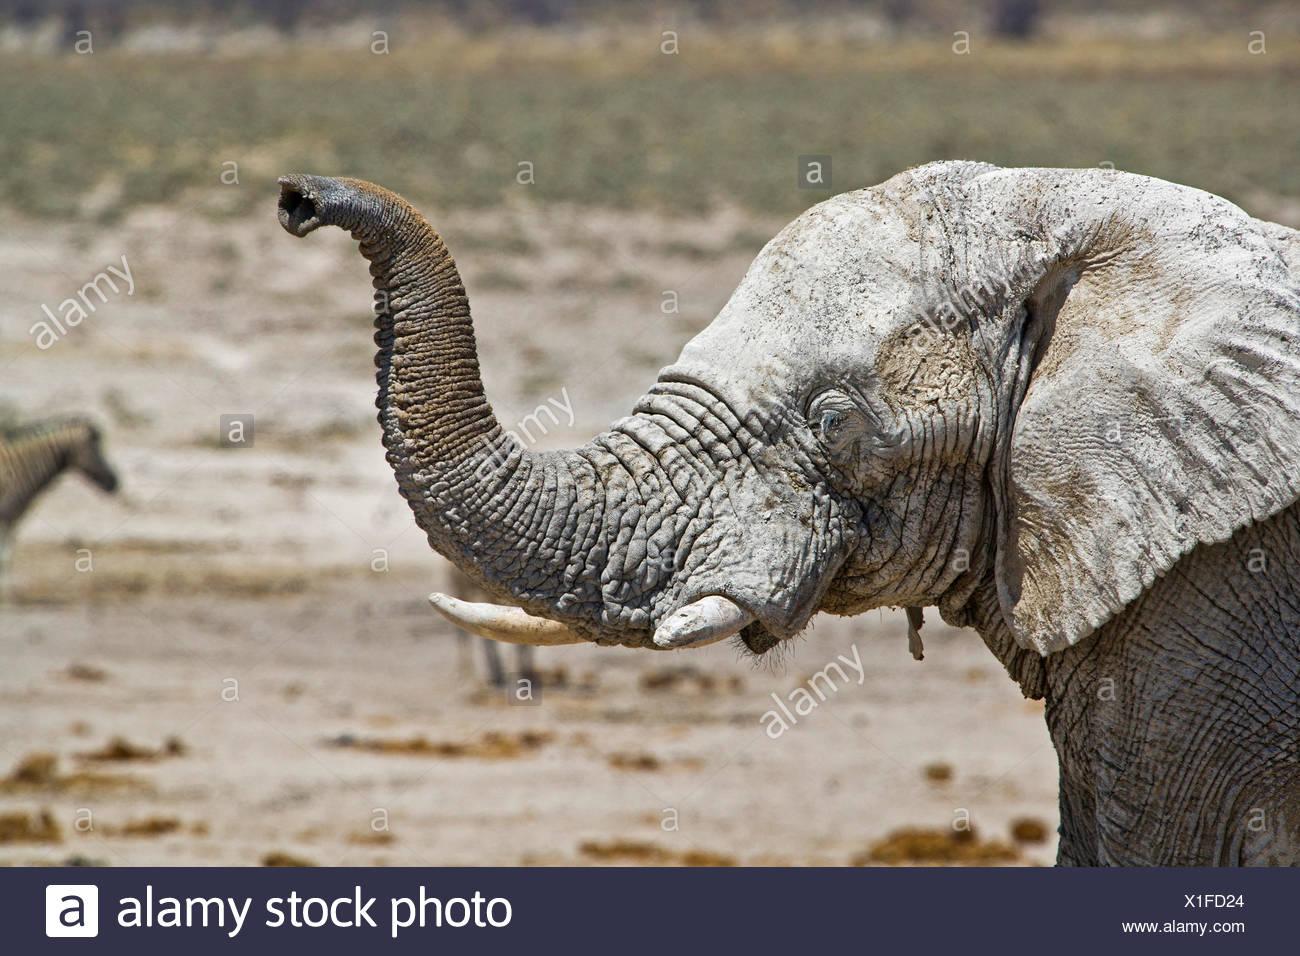 African elephant (Loxodonta africana), lifting up the trunk sniffing, Namibia, Etosha National Park Stock Photo